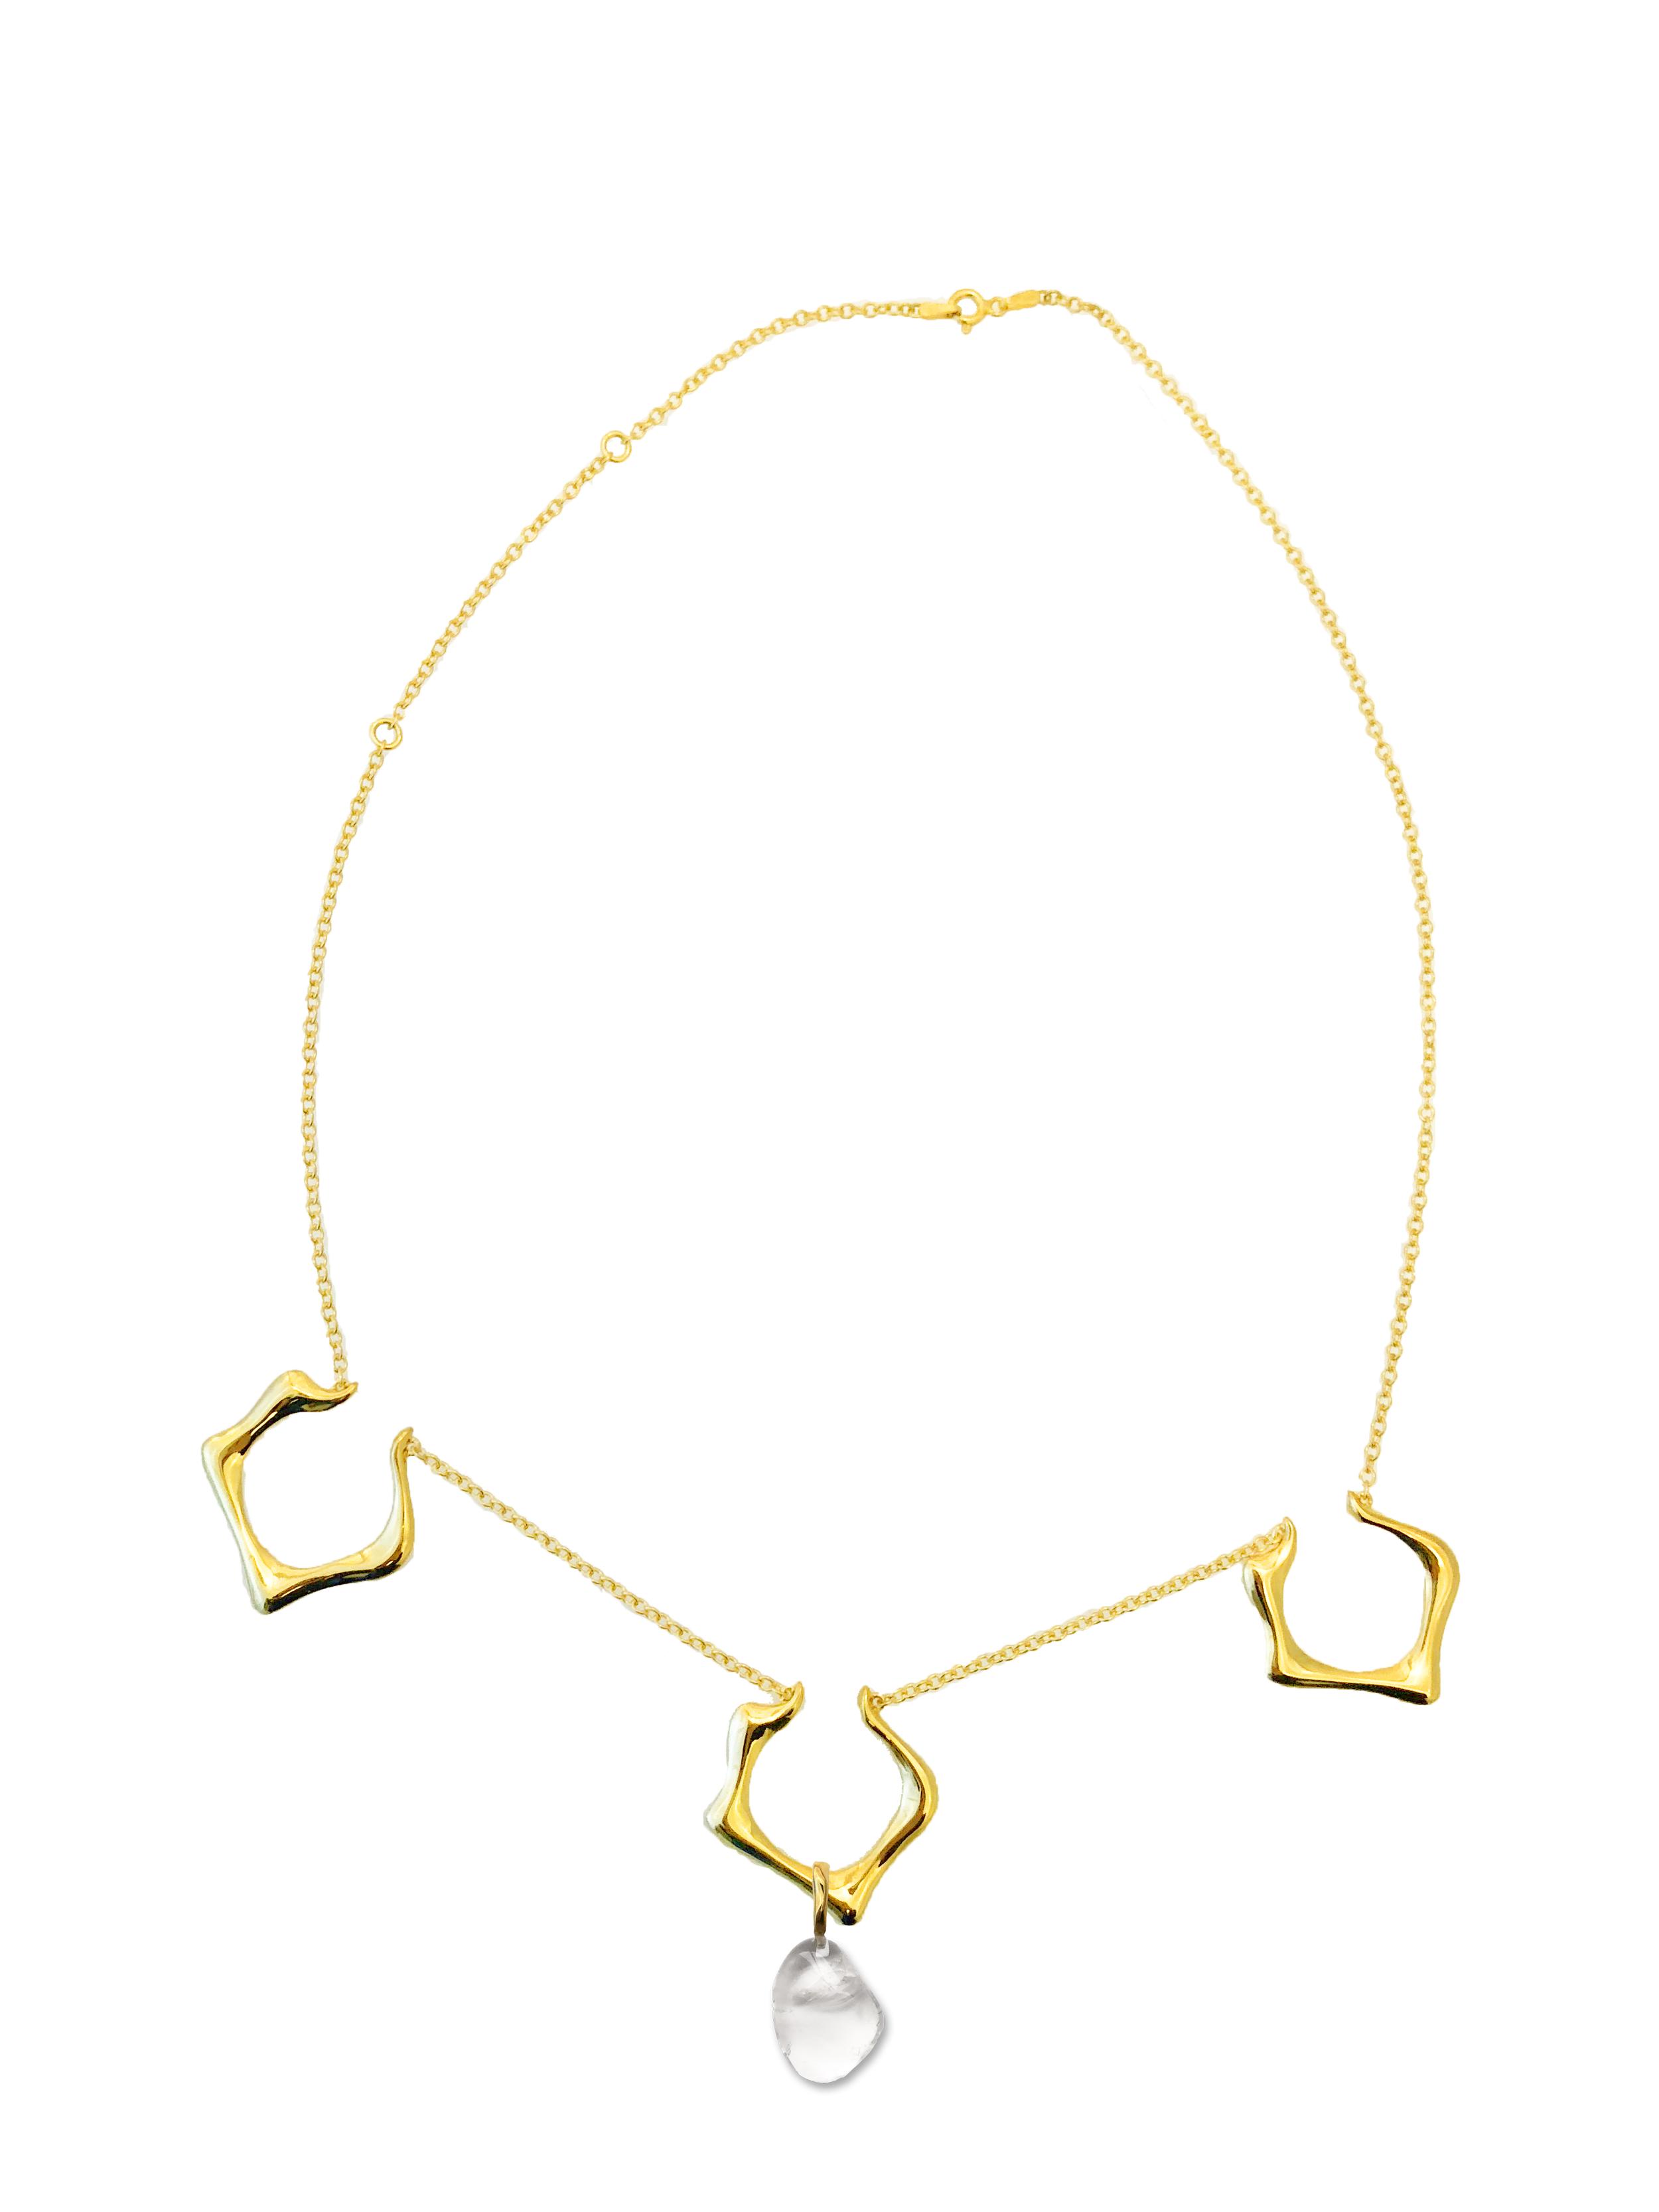 felicedahl_valkyria_necklace_3_1drop.png